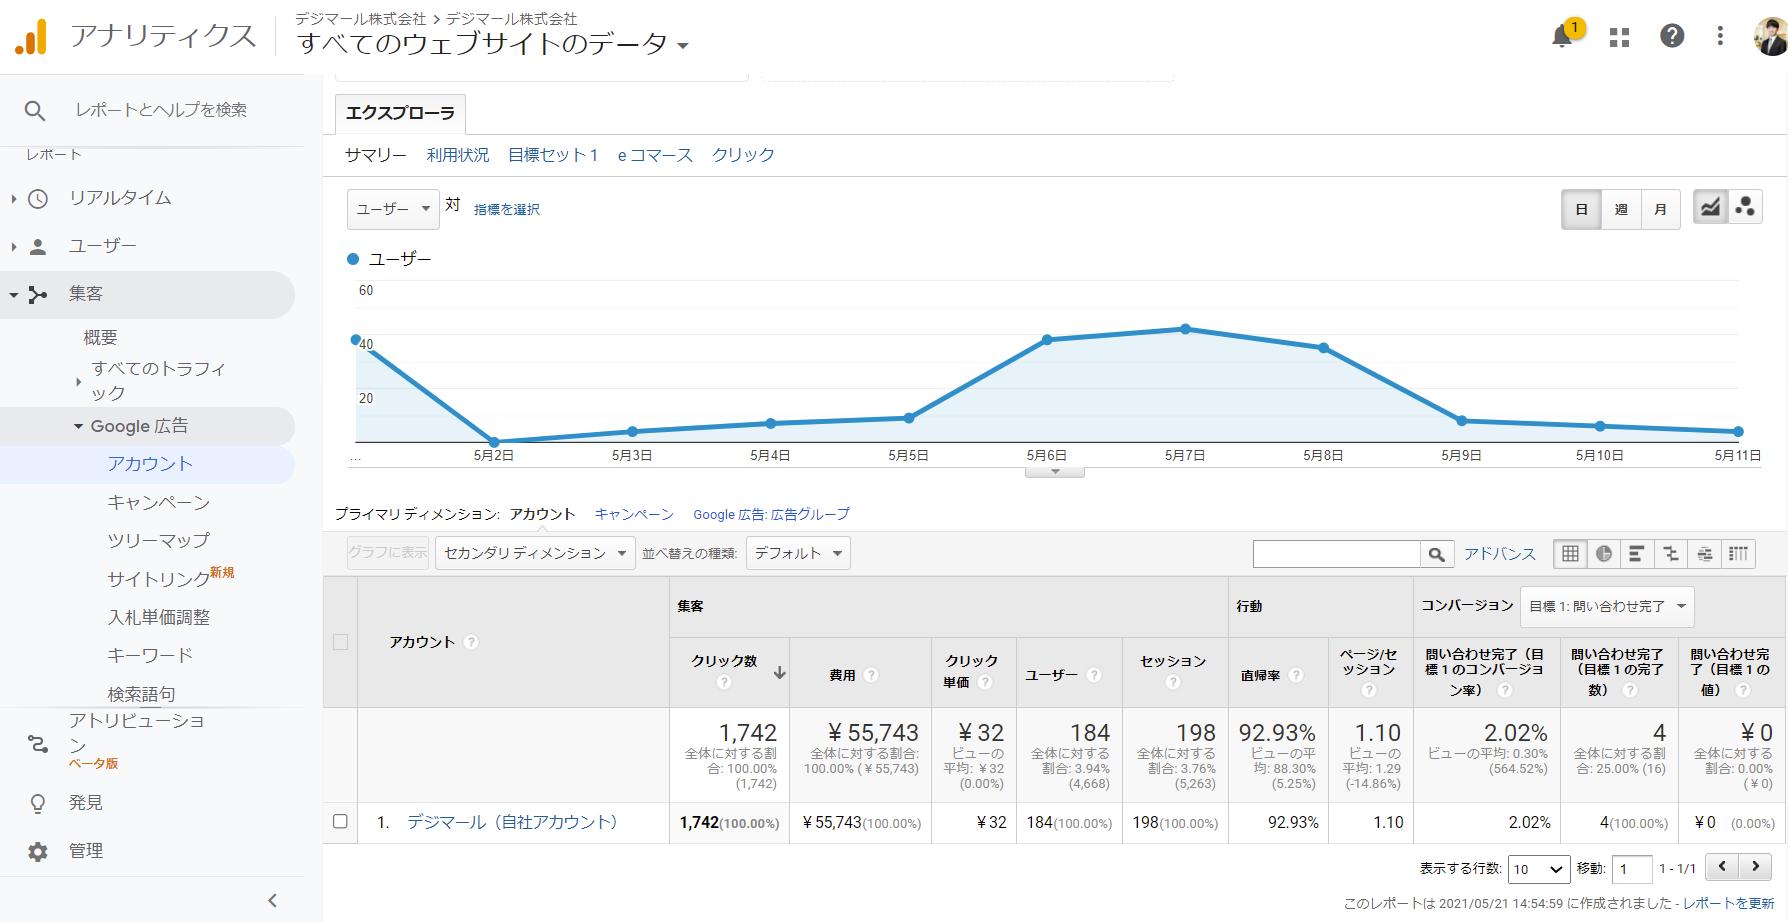 GoogleアナリティクスでGoogle広告の数値を確認する